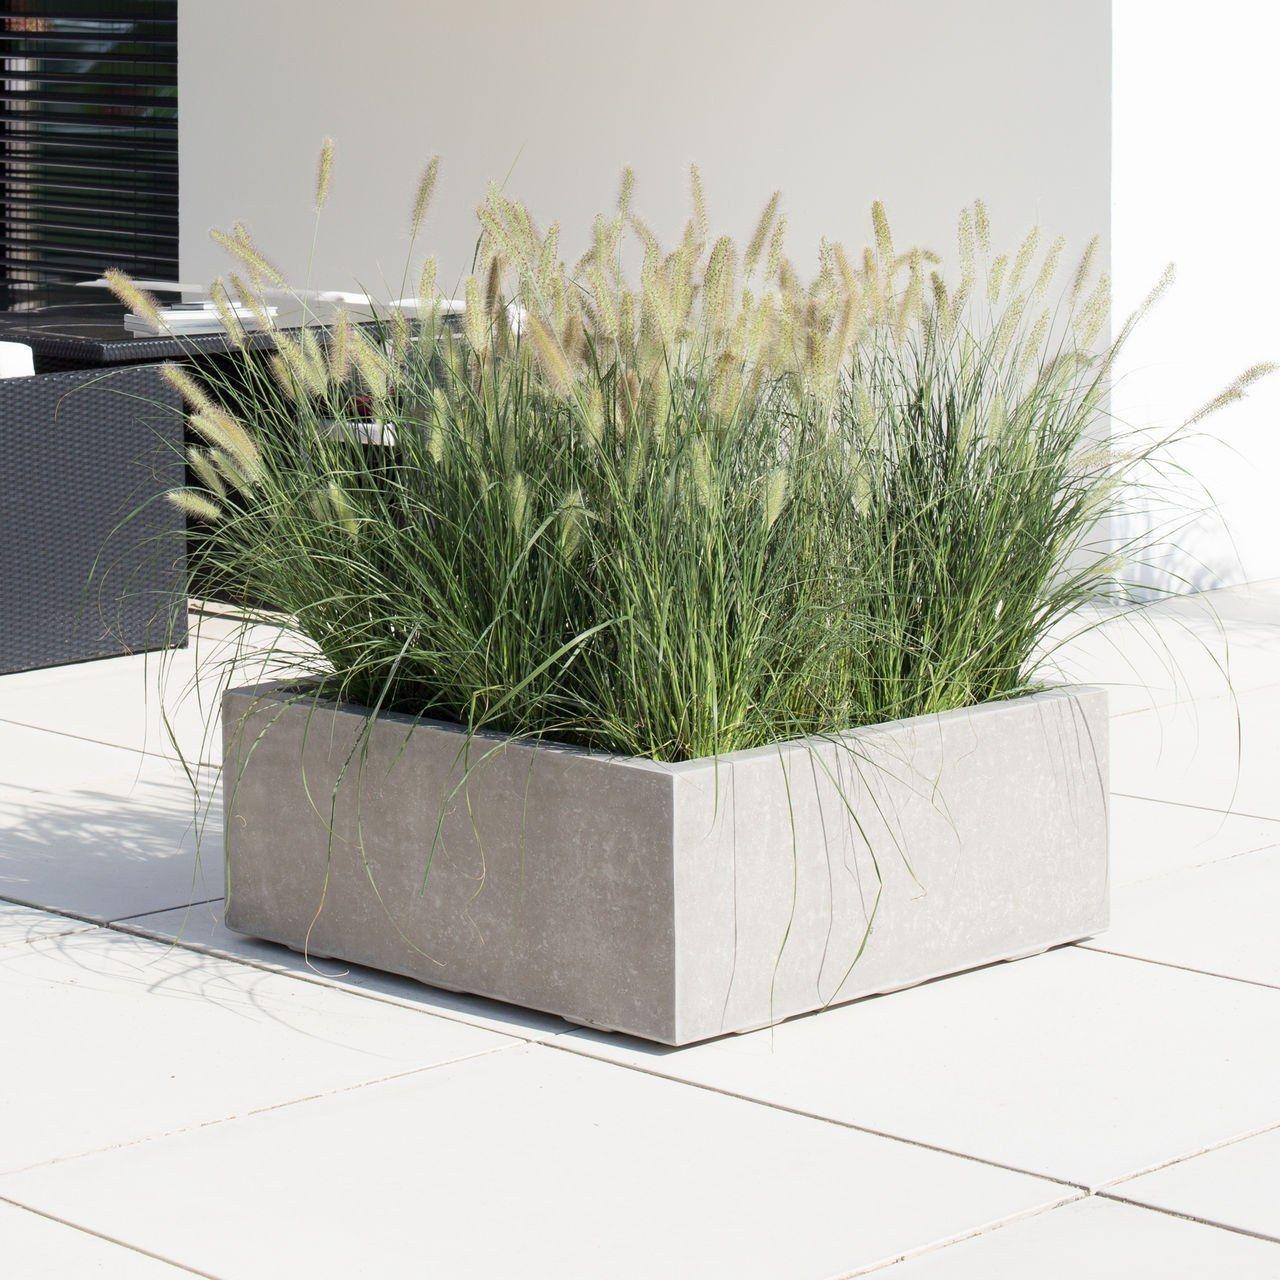 pflanzkübel im coolen beton-look aus frostfestem ... - Pflanzgefase Im Garten Ideen Gestaltung